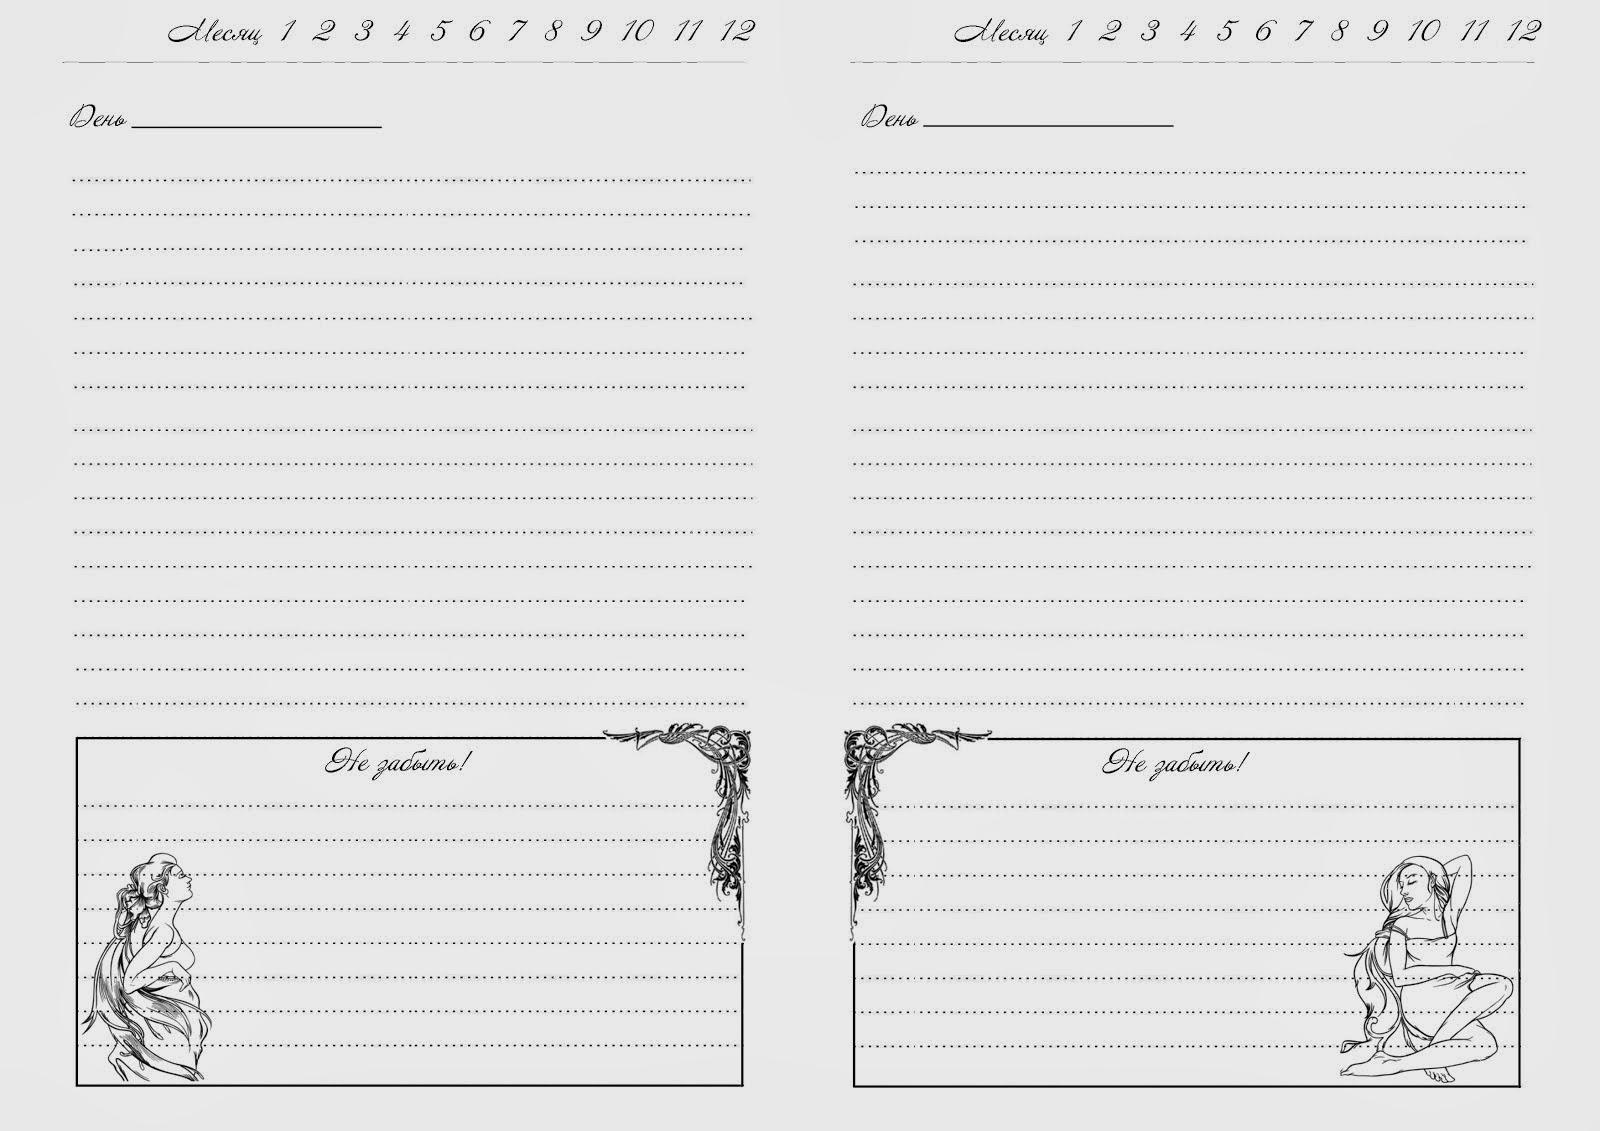 страницы ежедневника